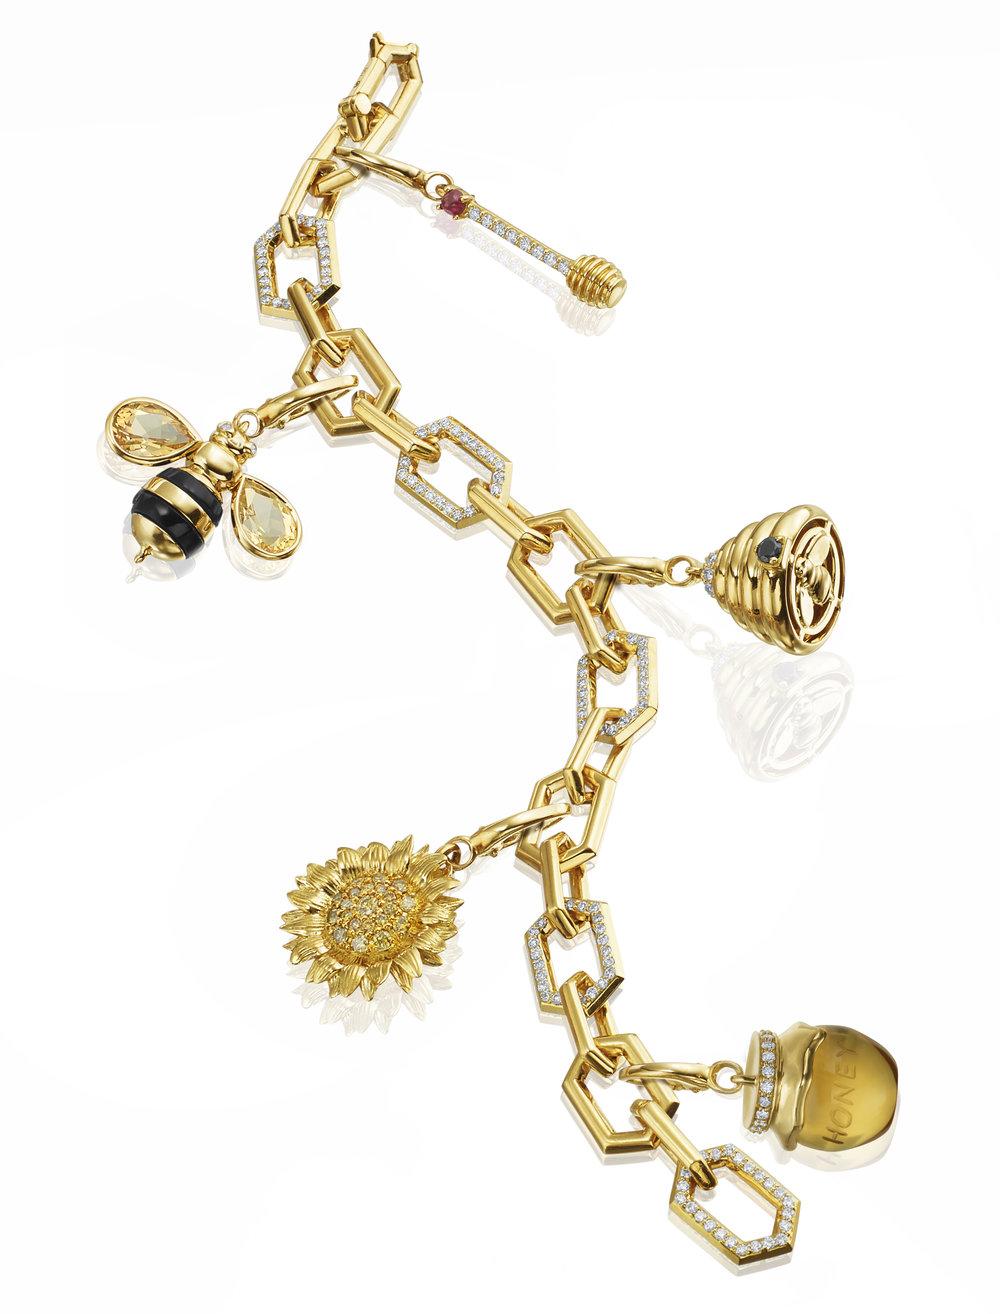 18KY Gold Charm Bracelet